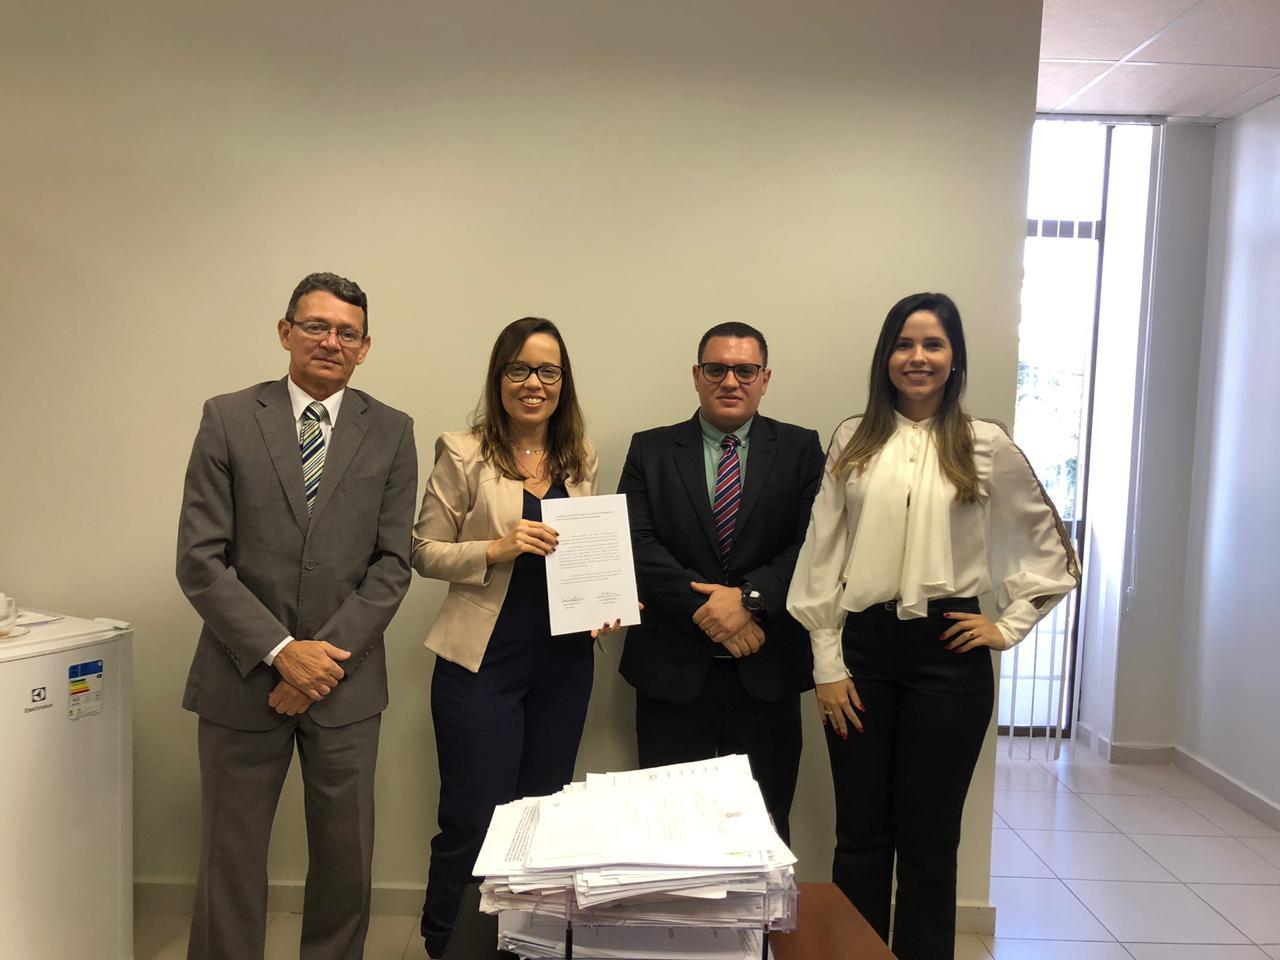 Comissão dos Juizados Especiais da OAB-PB visita e entrega resultado da pesquisa dos Advogados ao 2º Juizado de Mangabeira